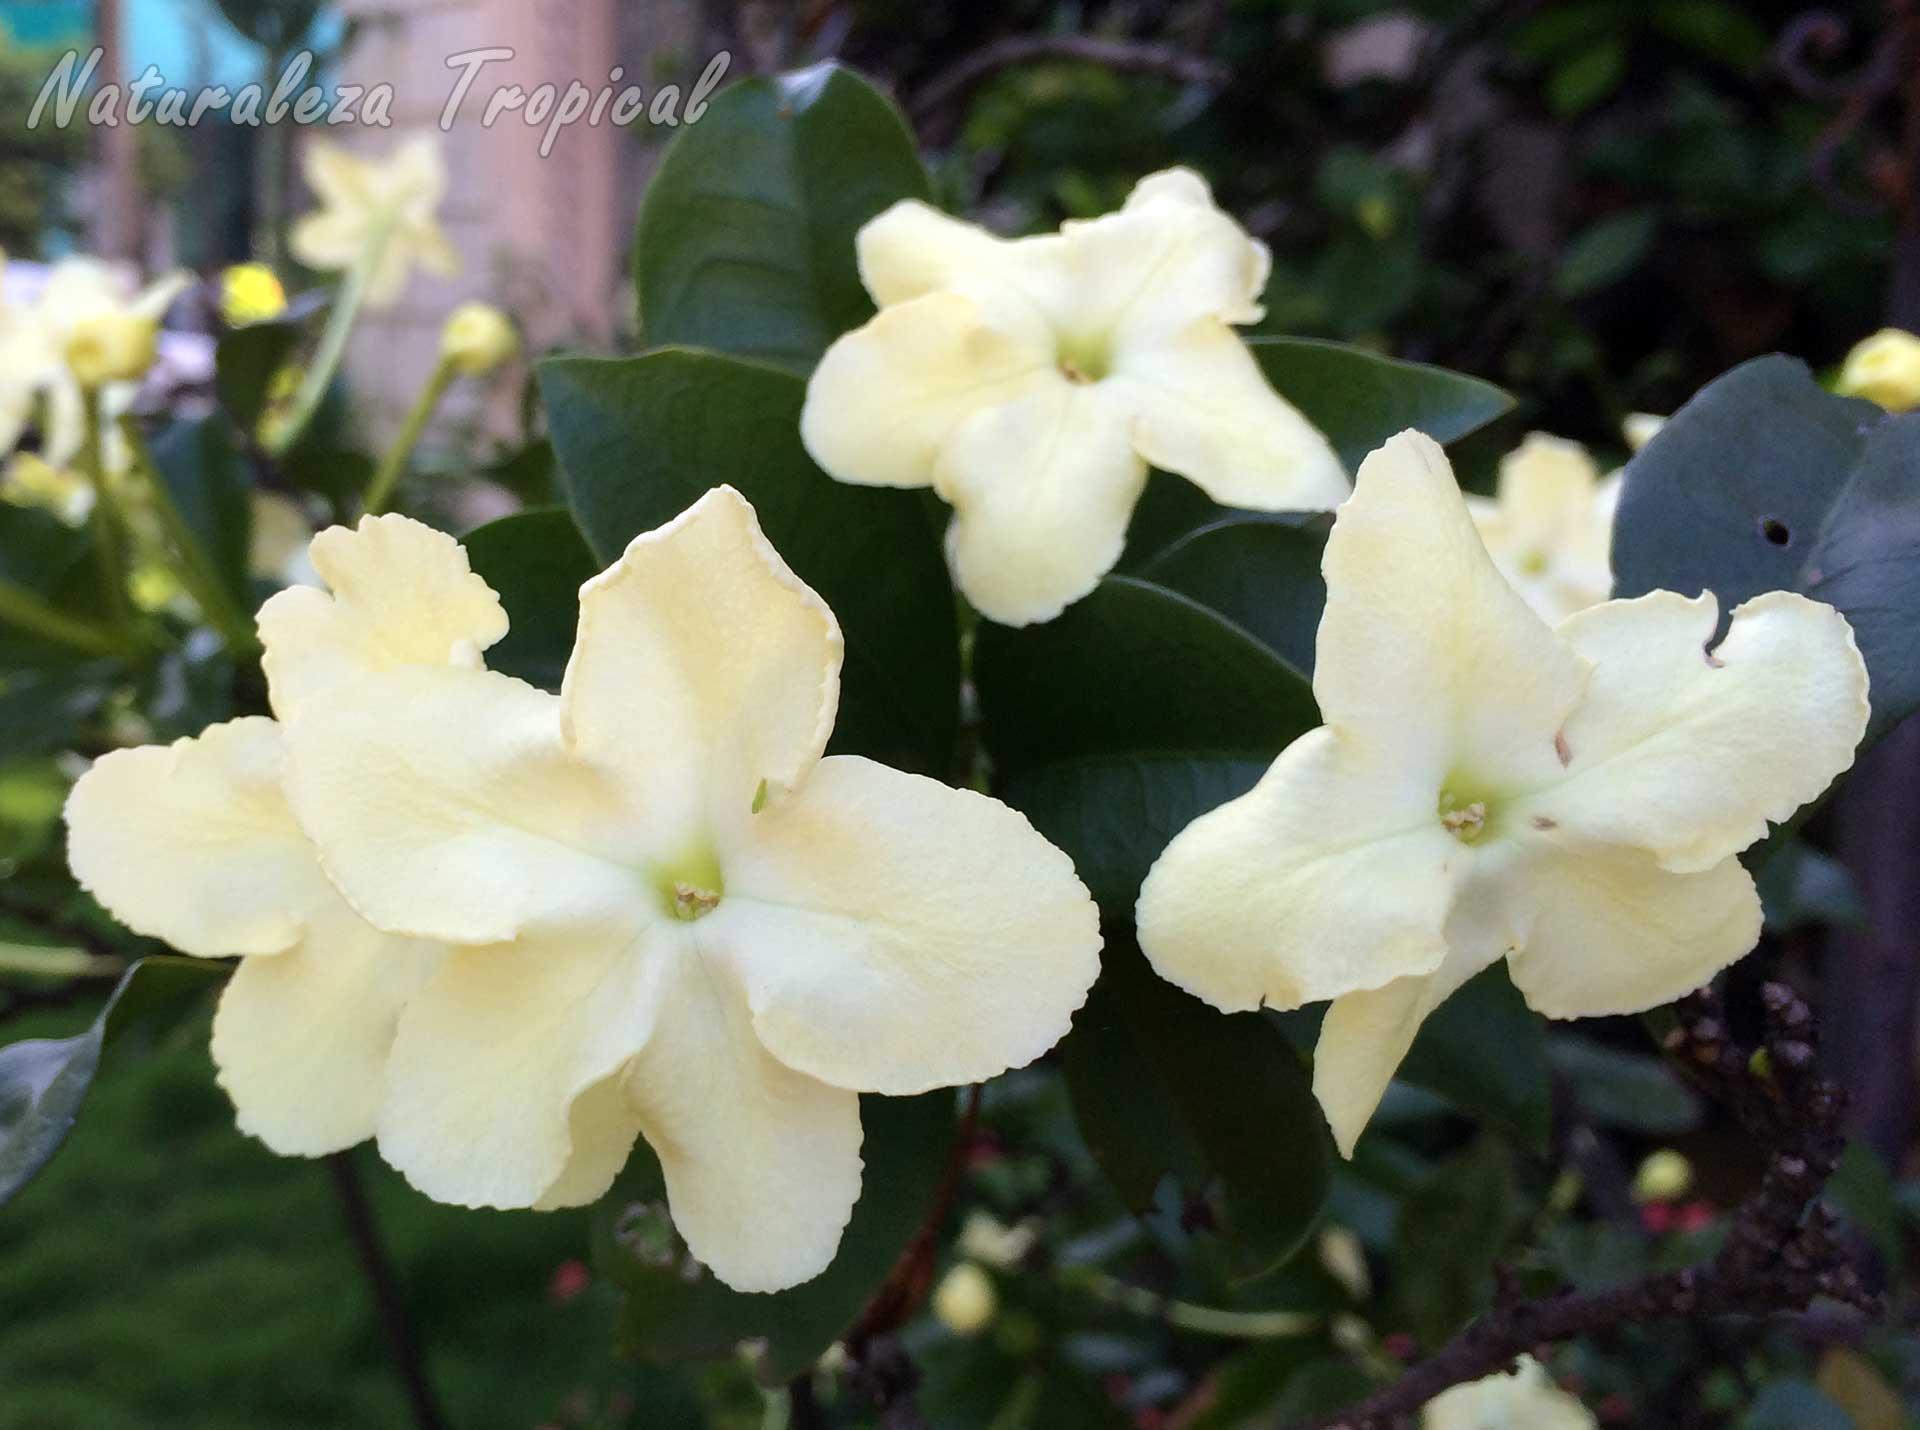 Flores de una especie ampliamente cultivada como planta ornamental del género Brunfelsia